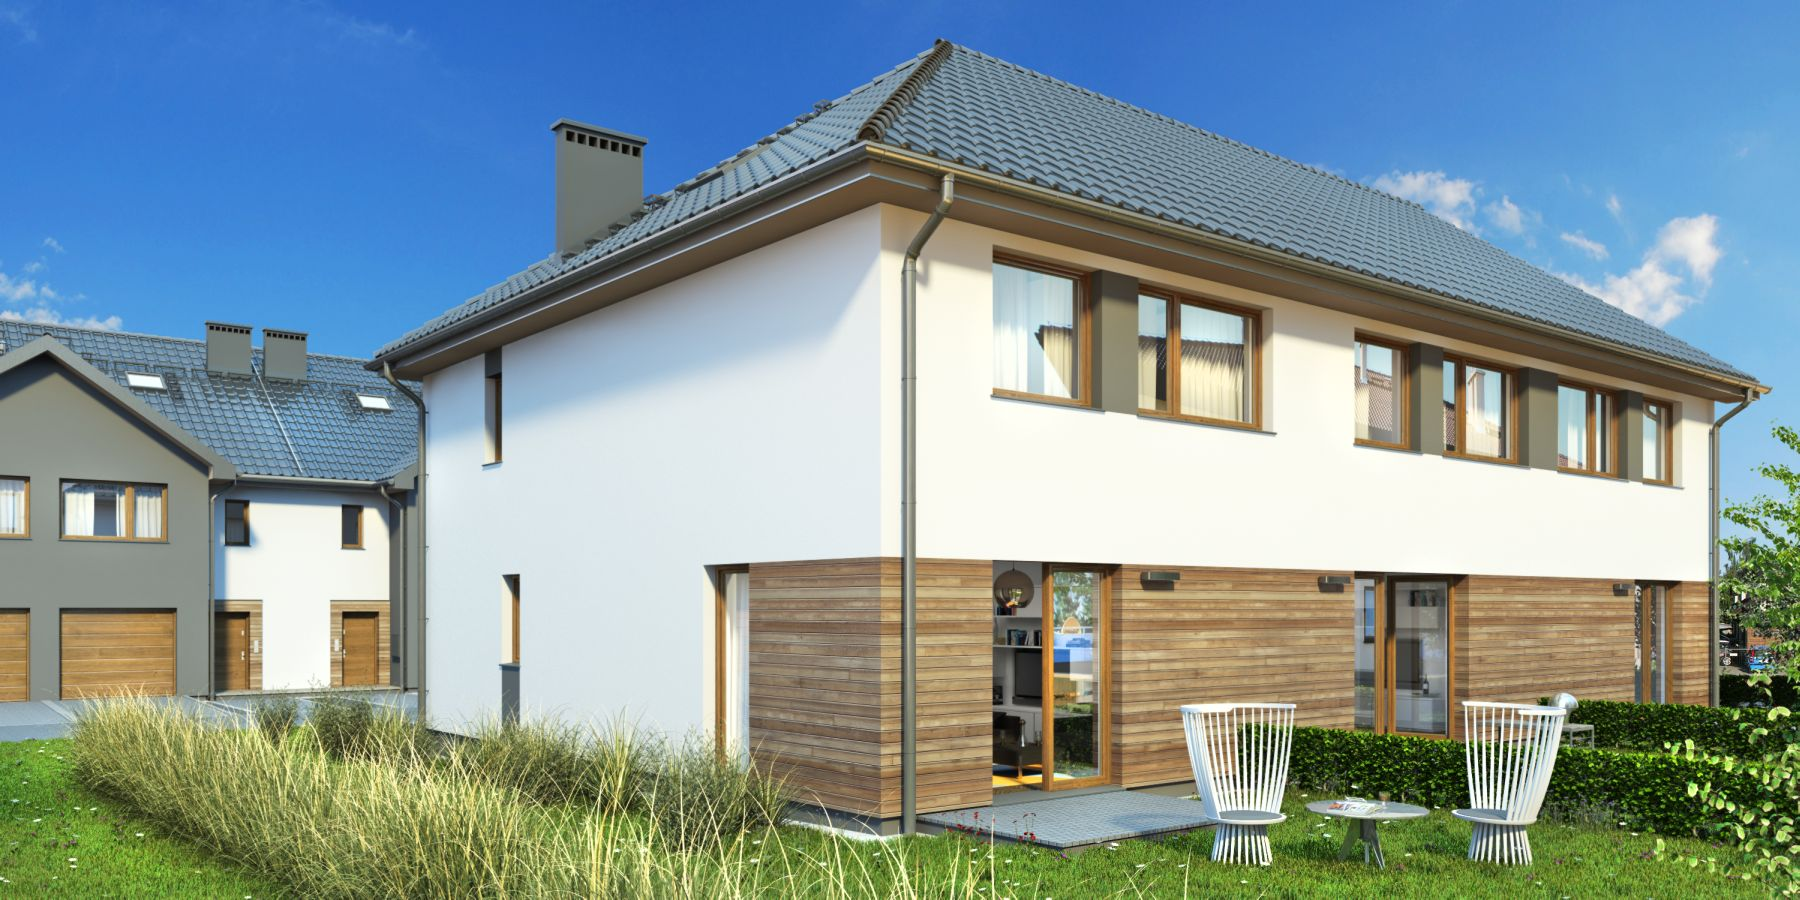 Nowe mieszkania - Kiełczów - Wiosenne Zacisze - pytanie?